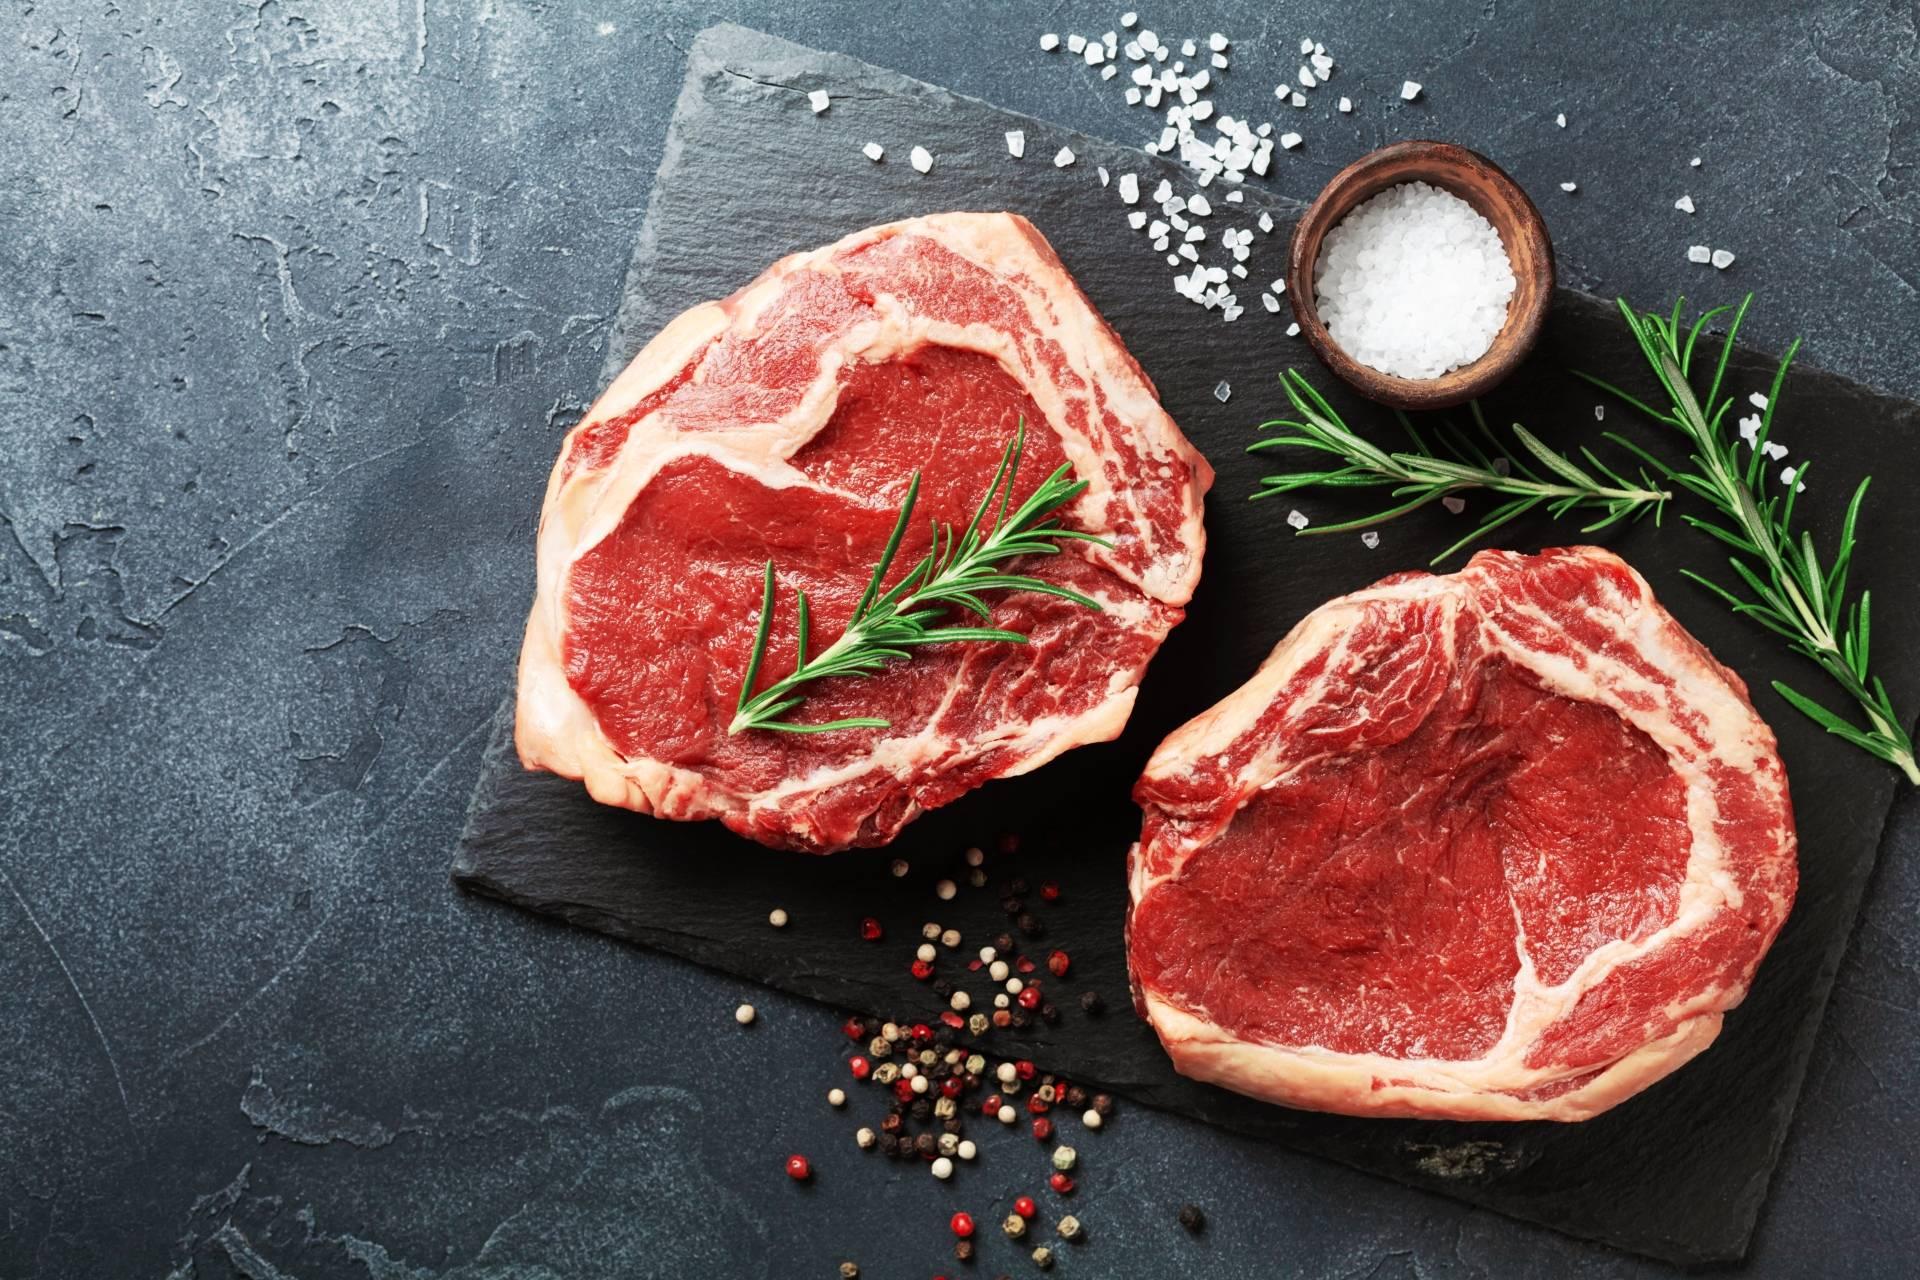 Koronawirus - czego nie jeść? Uwaga na mięso i produkty odzwierzęce.